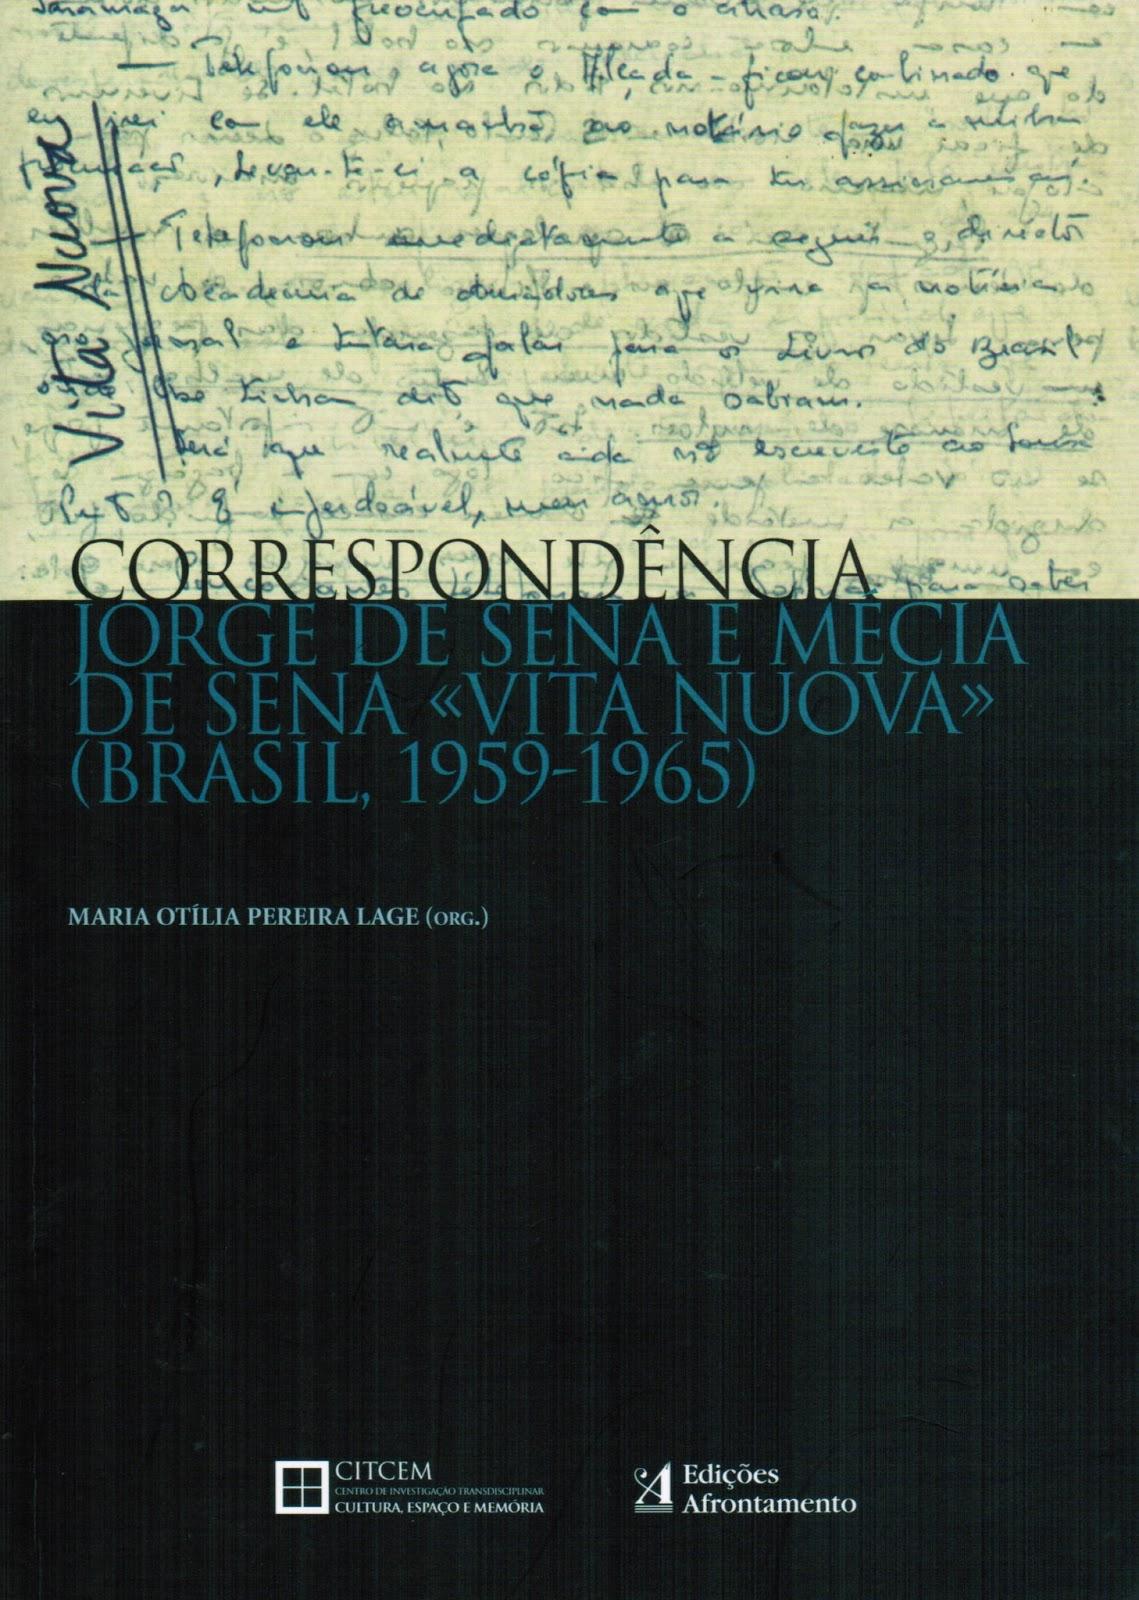 Edição anotada por Maria Otílida Pereira Lage da correspondência entre Jorge e Mécia relativa ao período brasileiro (1959-1965)